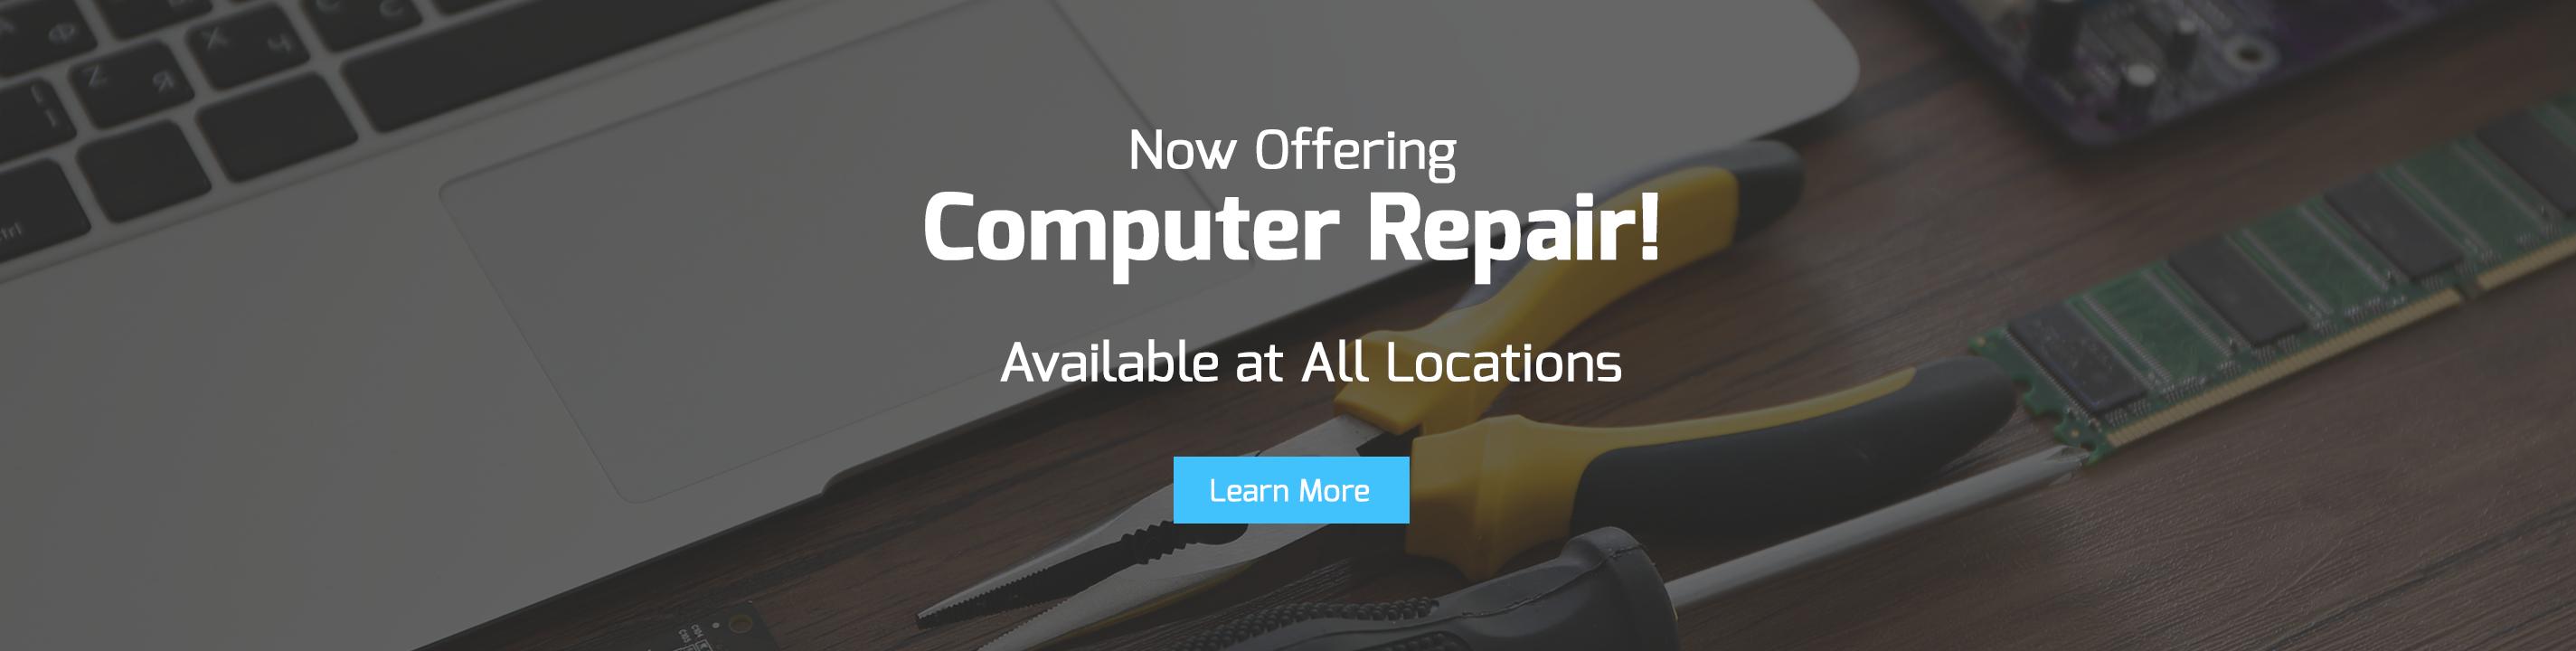 computer-repair-banner-3